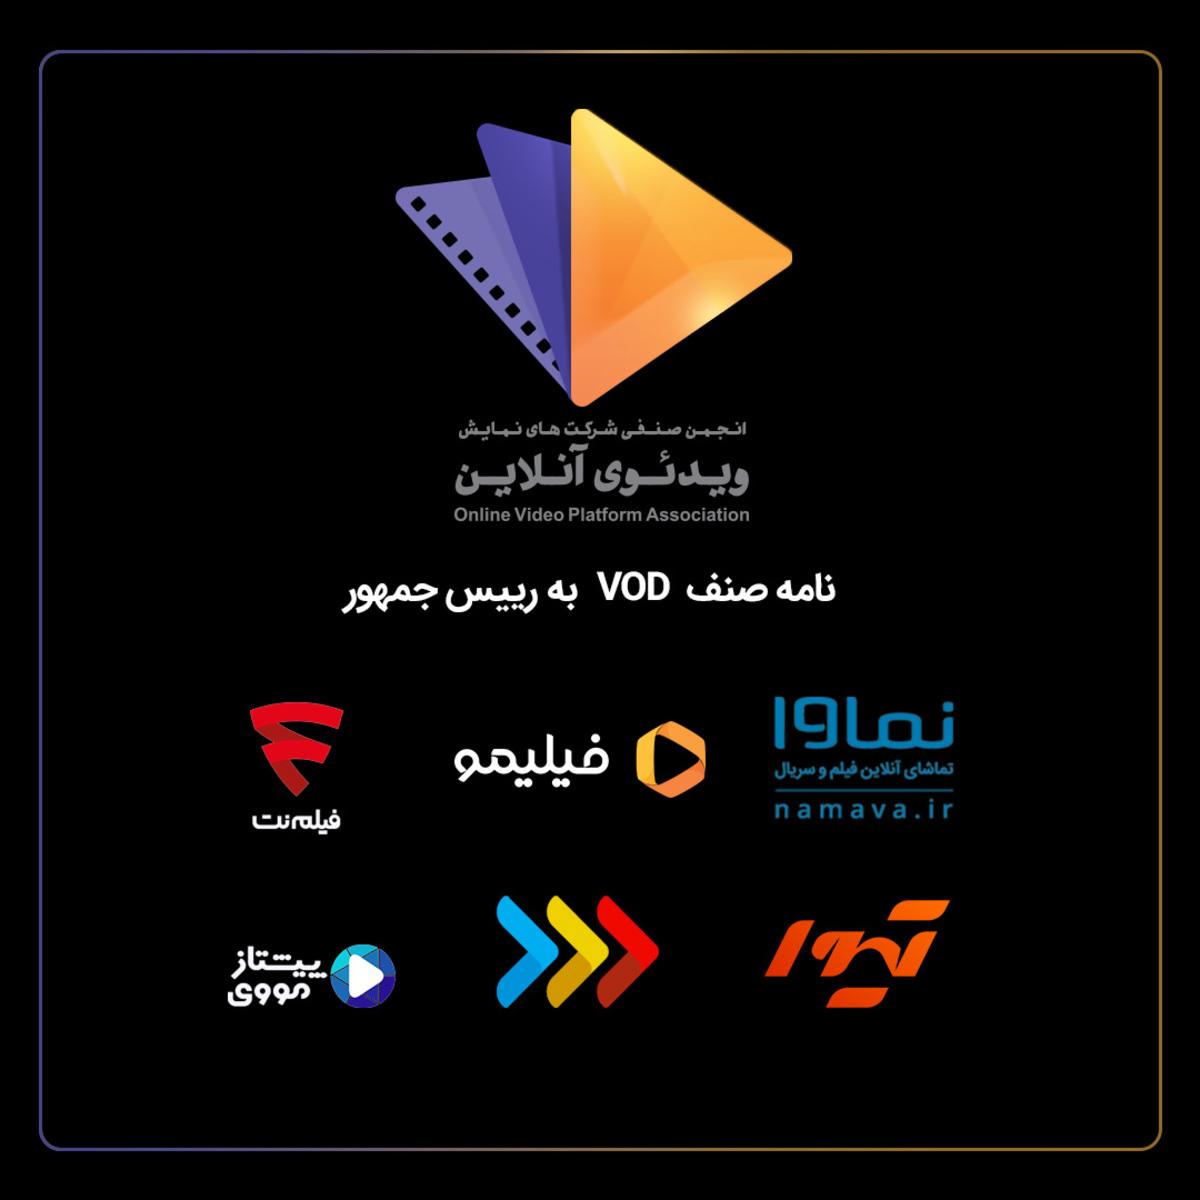 نامه انجمن صنفی شرکتهای ویدئویی آنلاین به رئیس جمهور / «الماس» کنار «ساترا» برای کنترل بیشتر